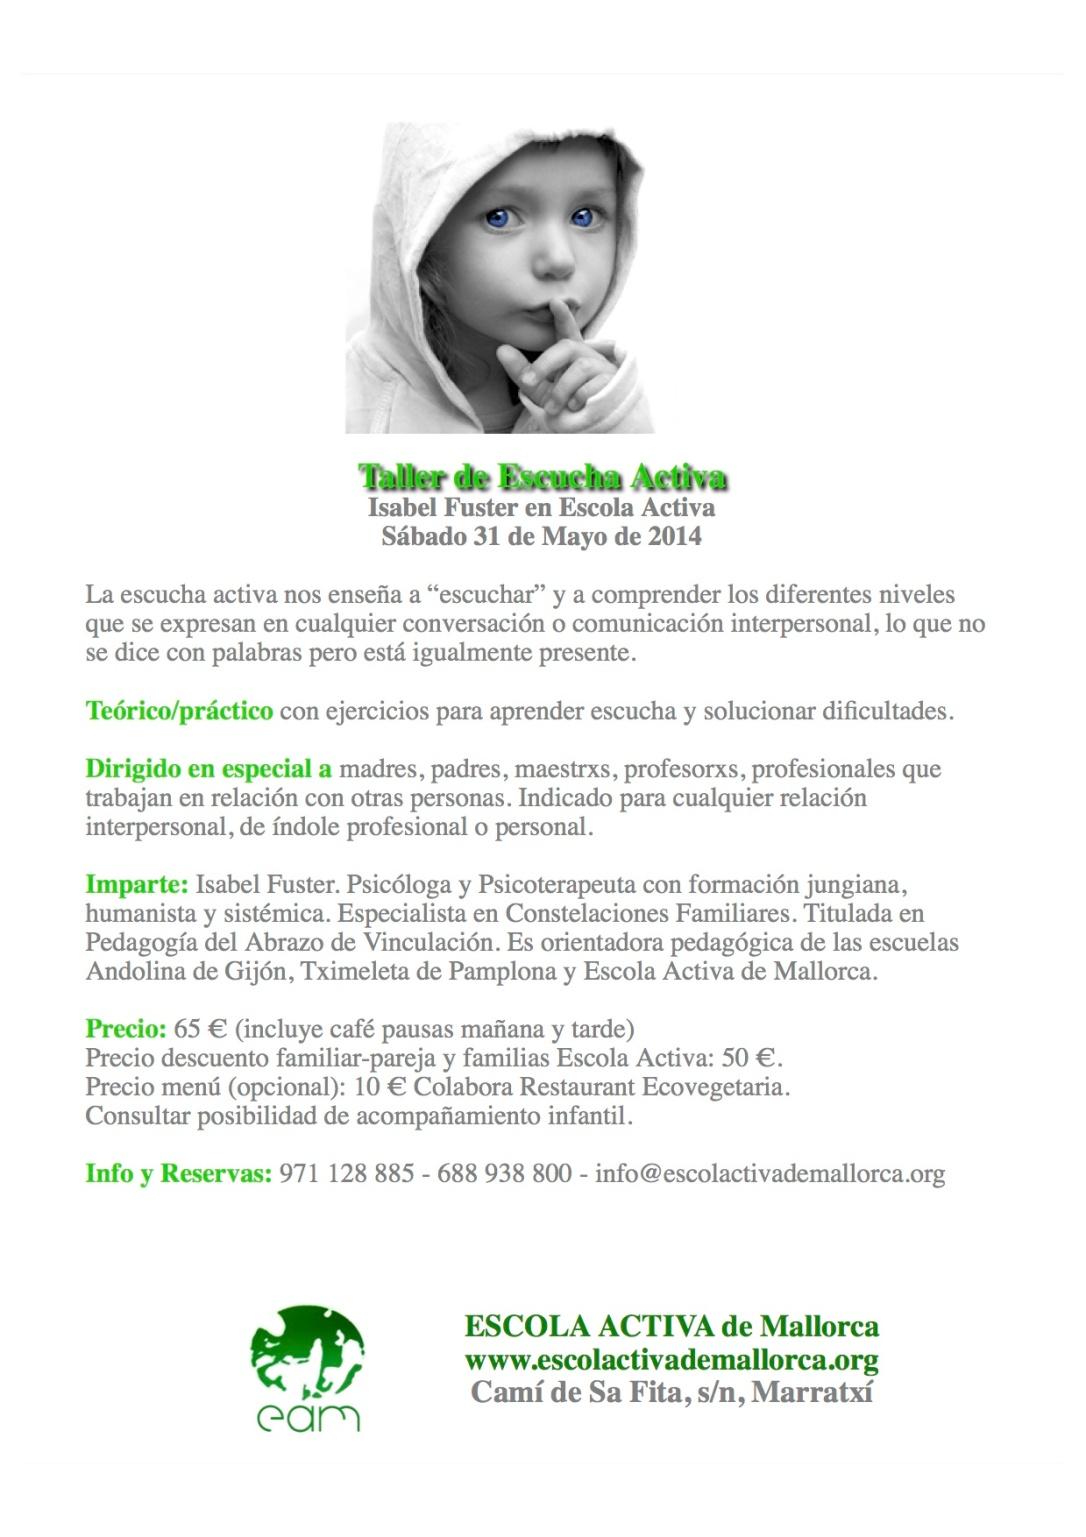 Taller Escucha Activa, Mallorca, 31 de mayo